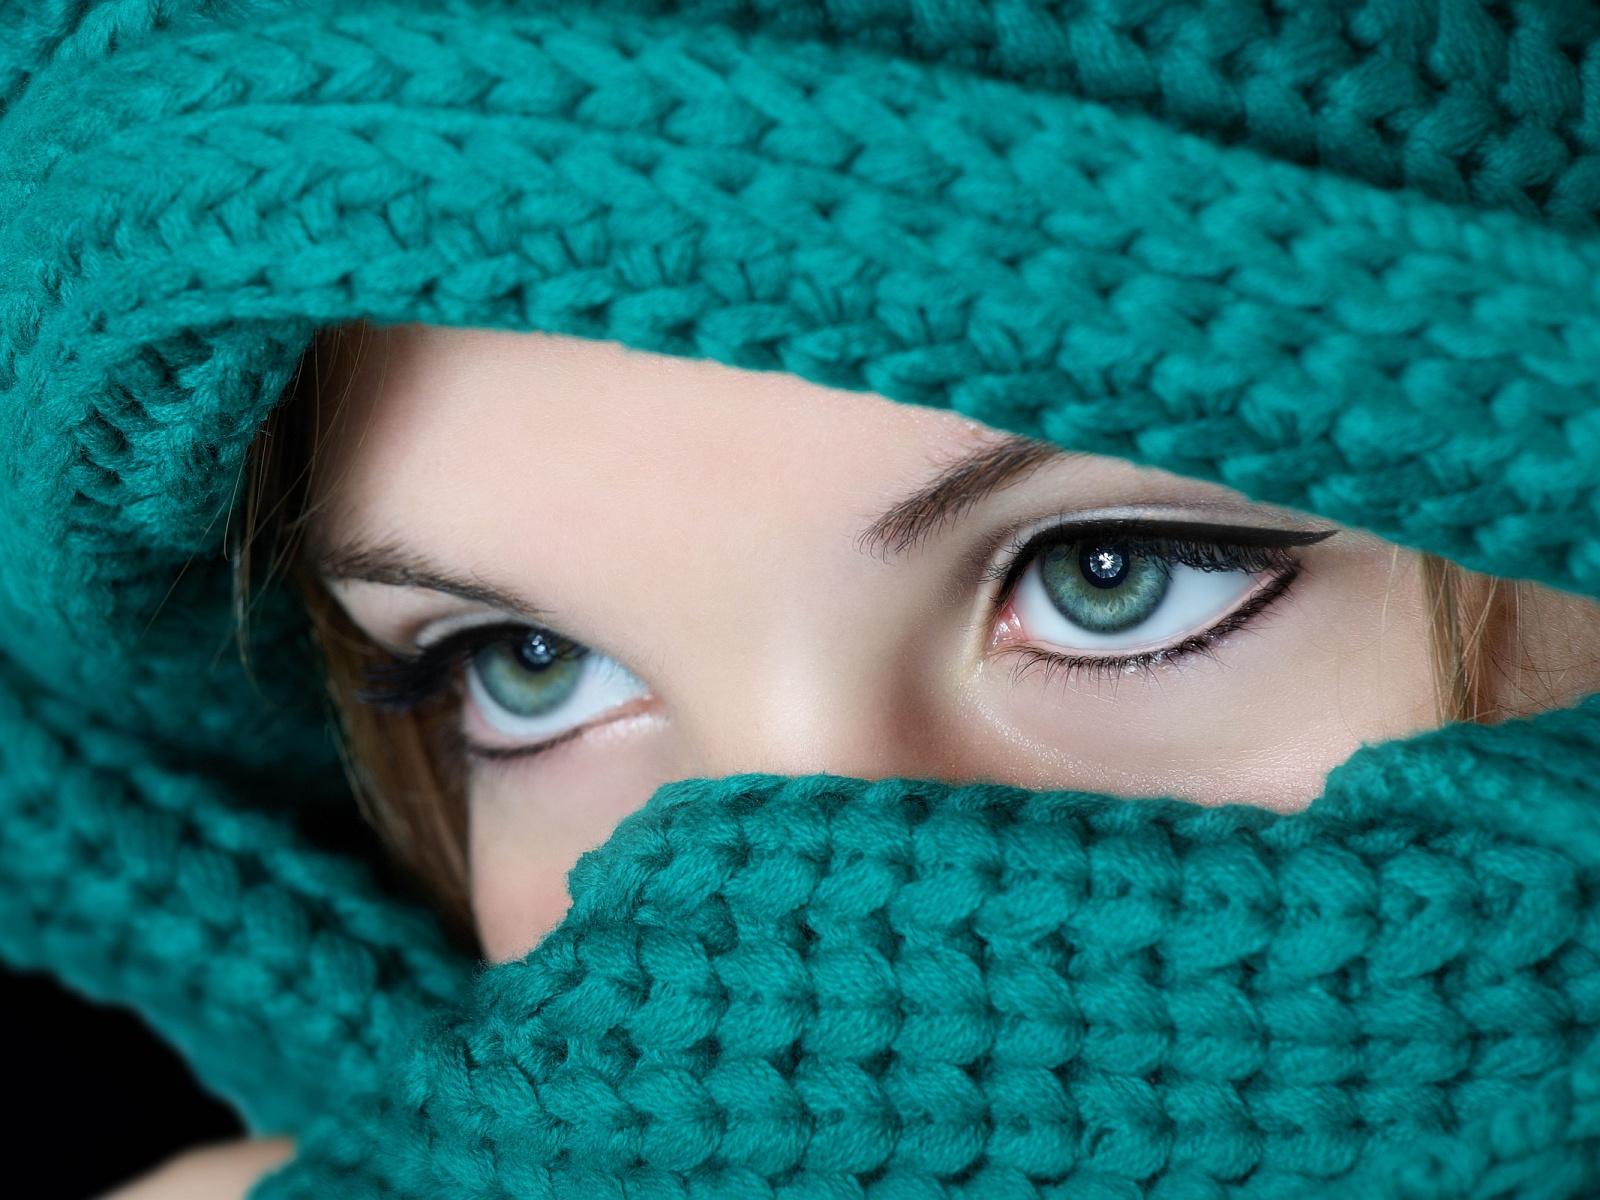 بالصور صور اجمل عيون بنات , اجمل عيون في الدنيا كله 11730 15